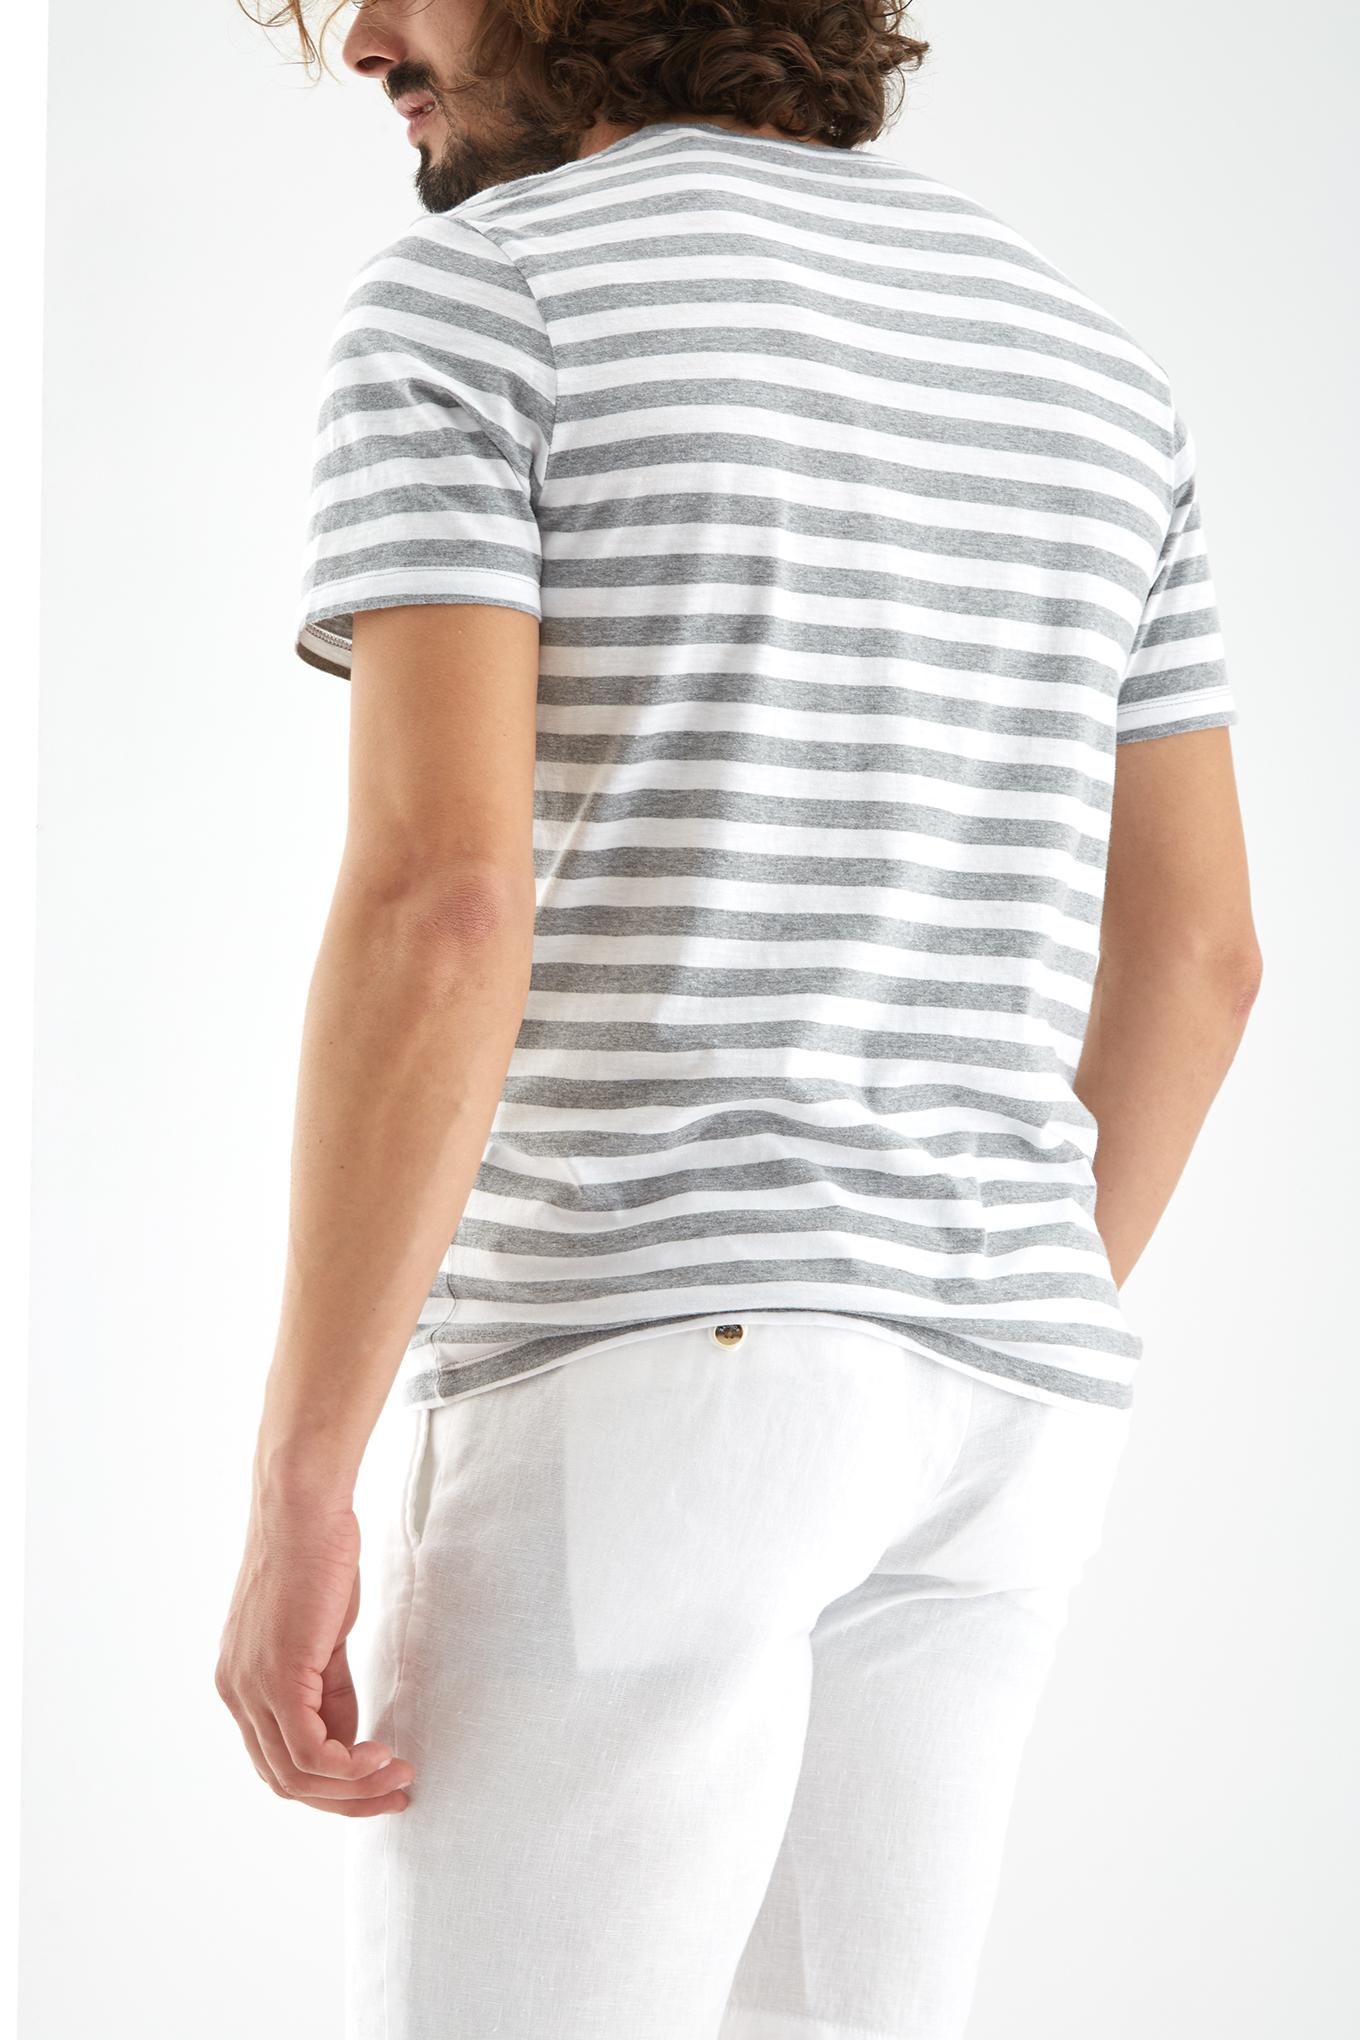 T-Shirt Cinza Mesclado Sport Homem